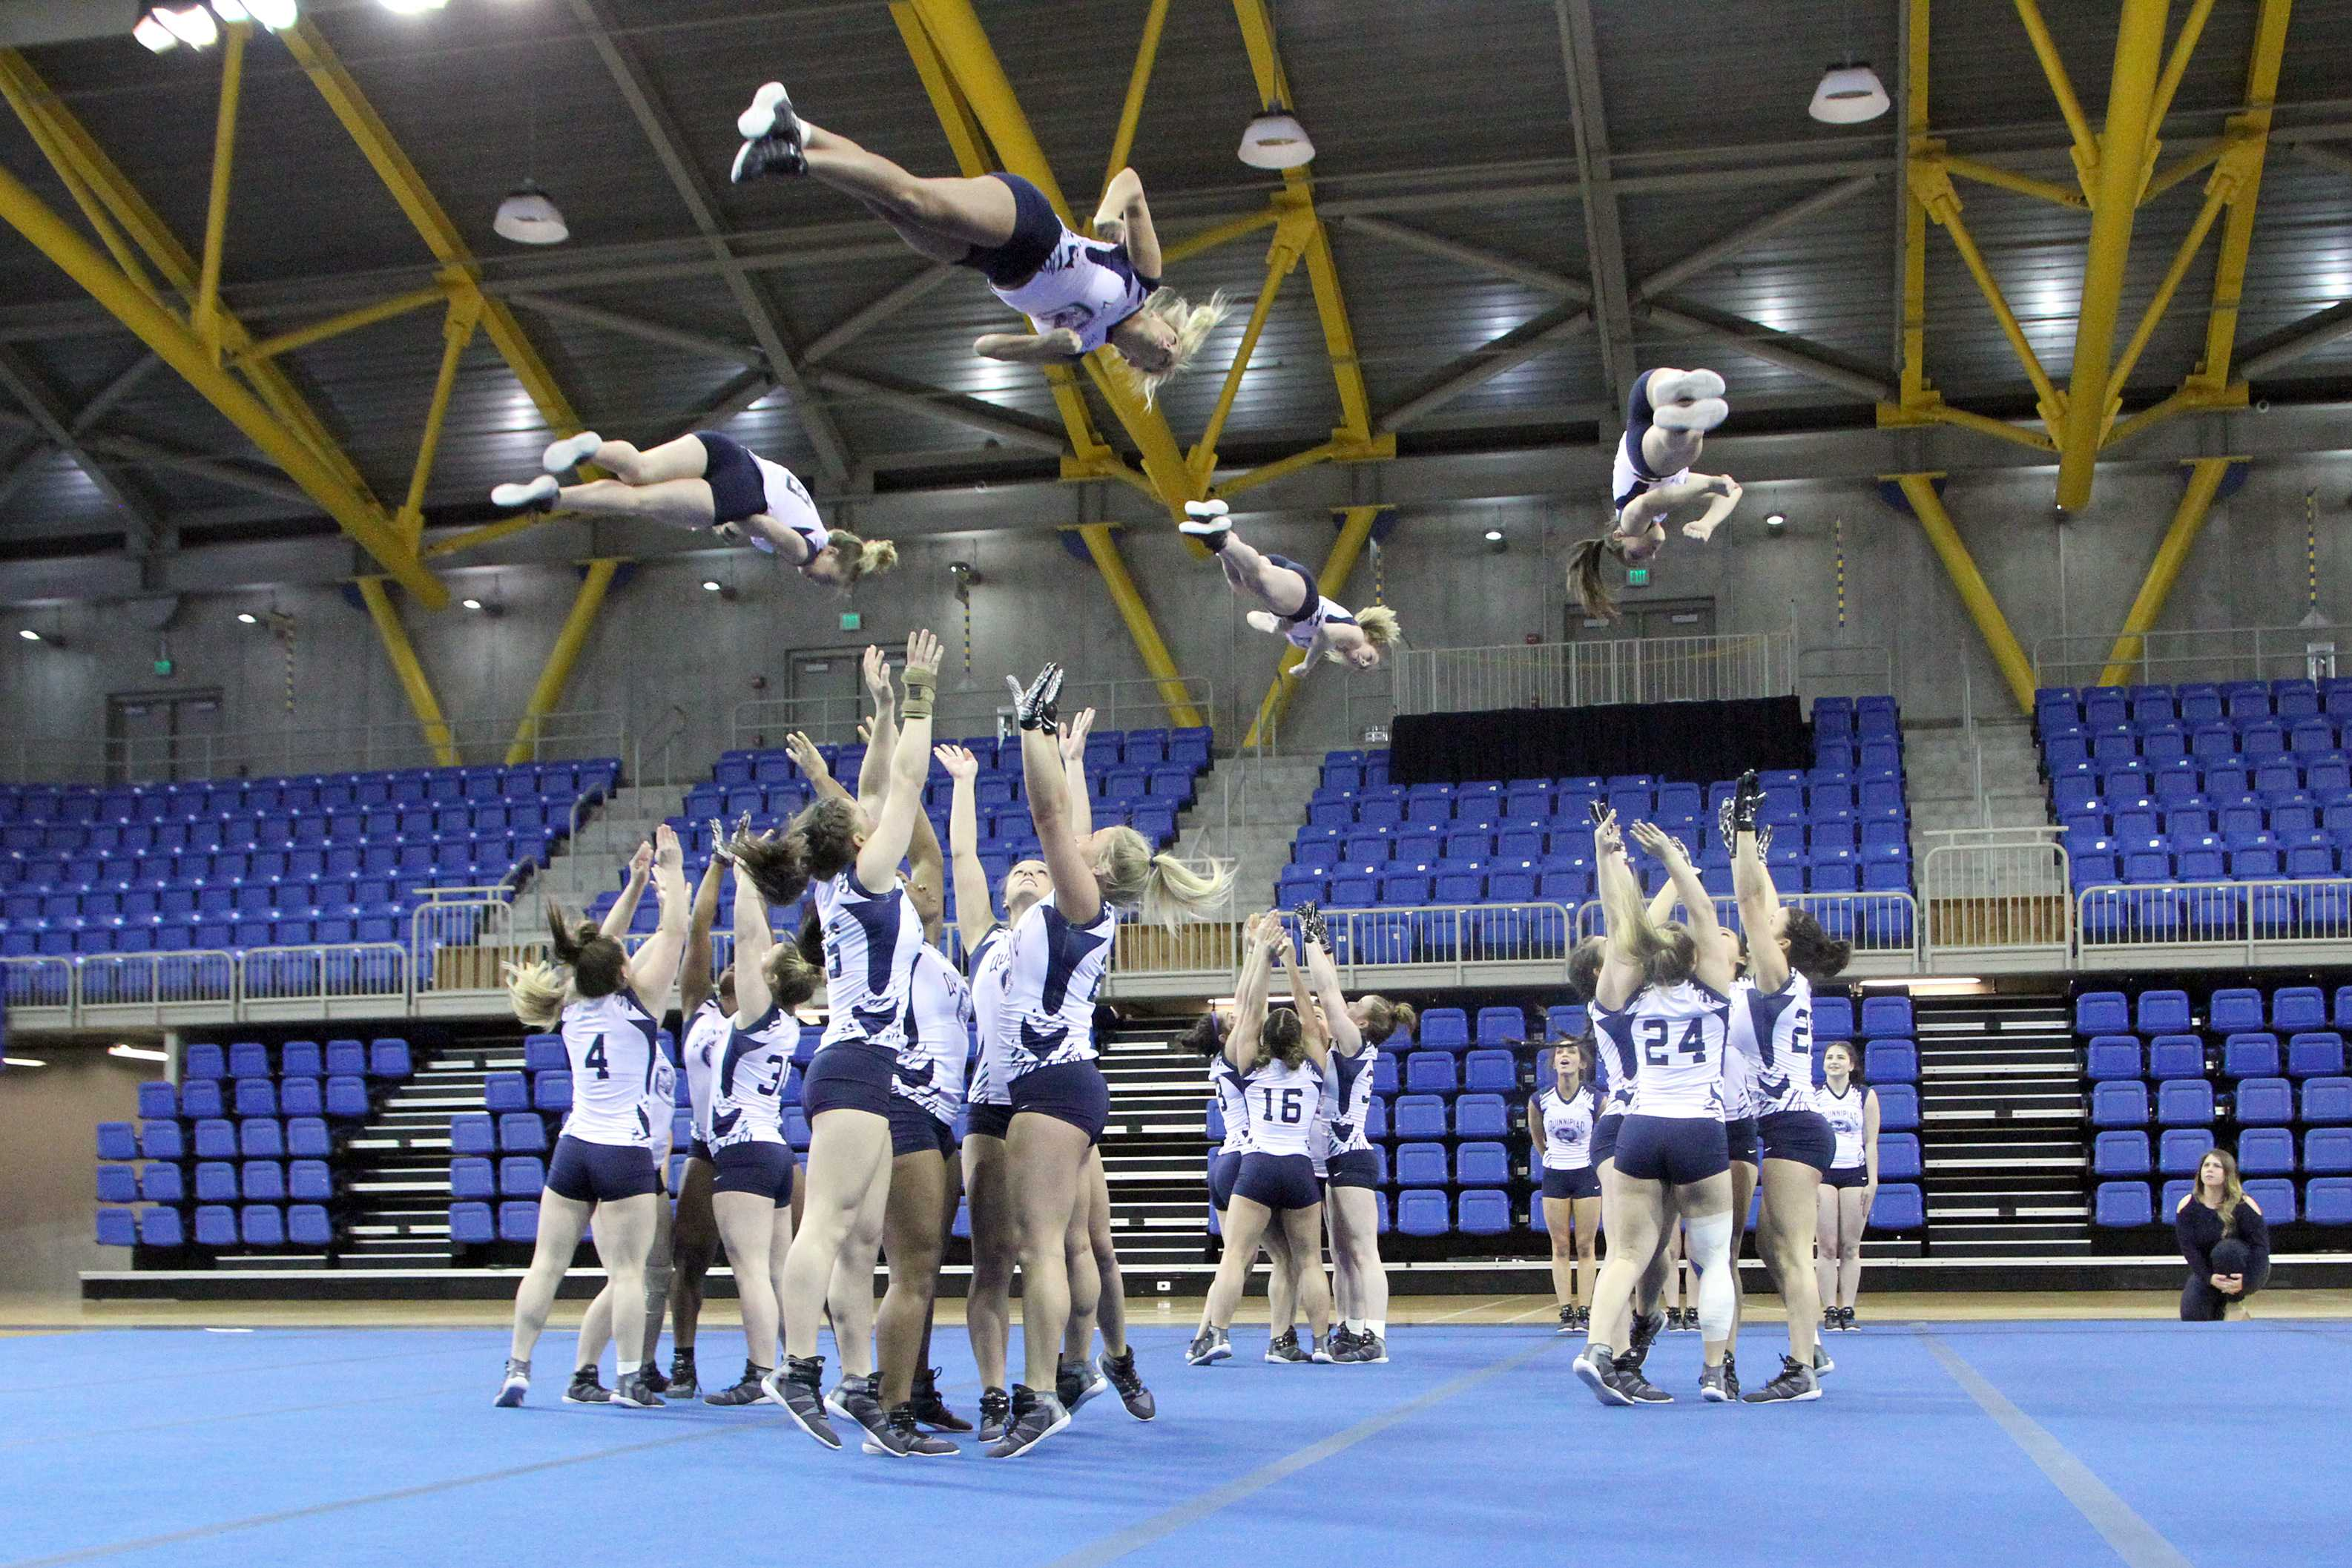 Quinnipiac acrobatics and tumbling dominates Glenville State